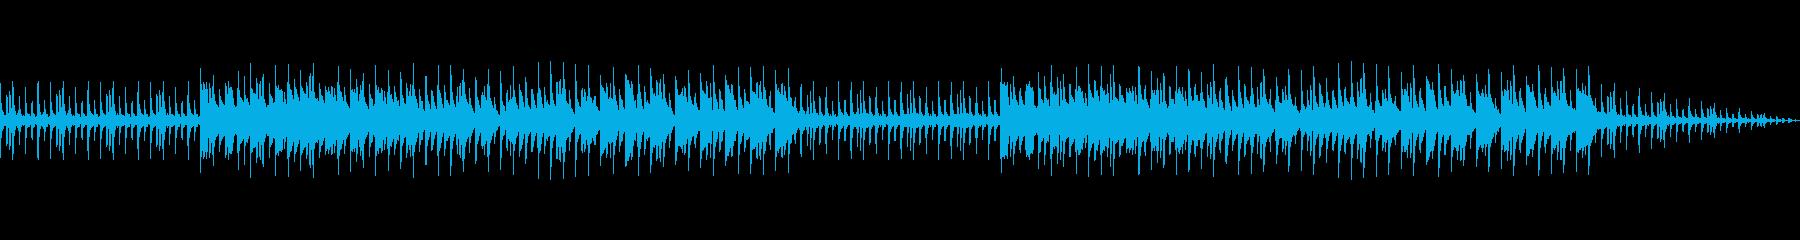 楽しいミニゲームが始まる前に流れるBGMの再生済みの波形